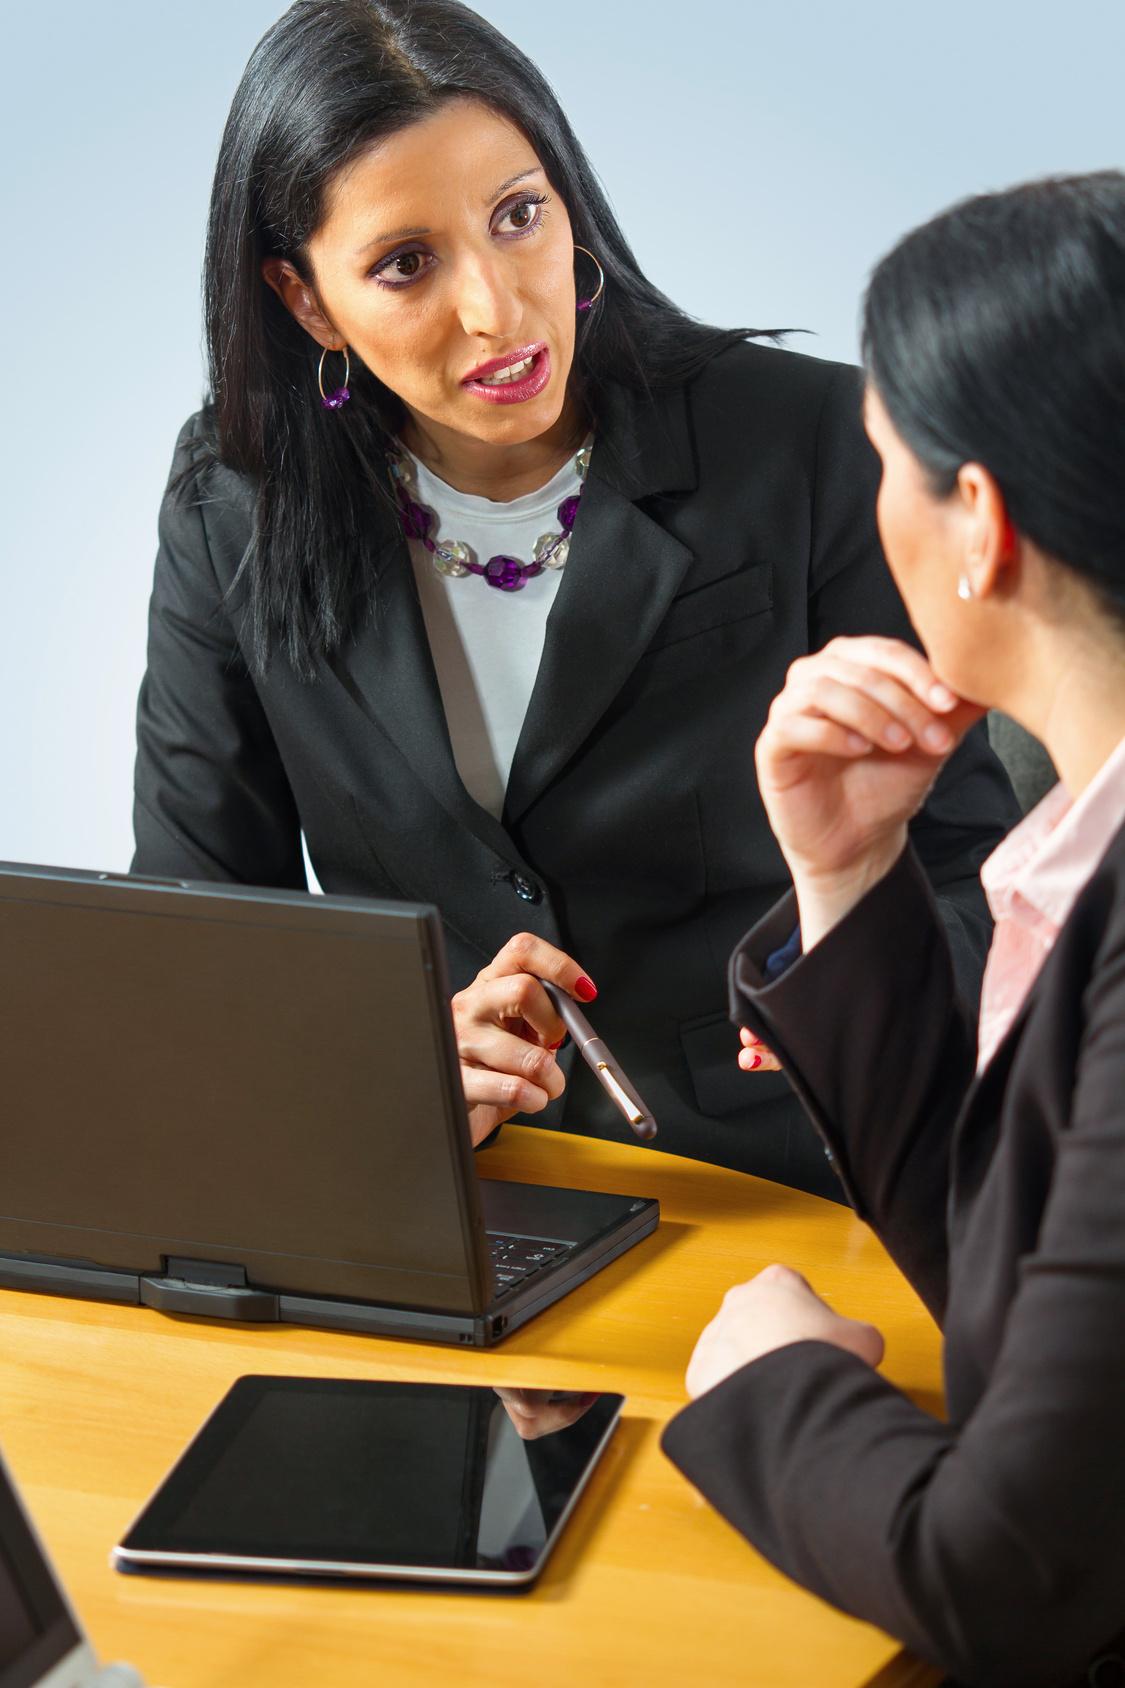 cv conseiller clientele professionnels